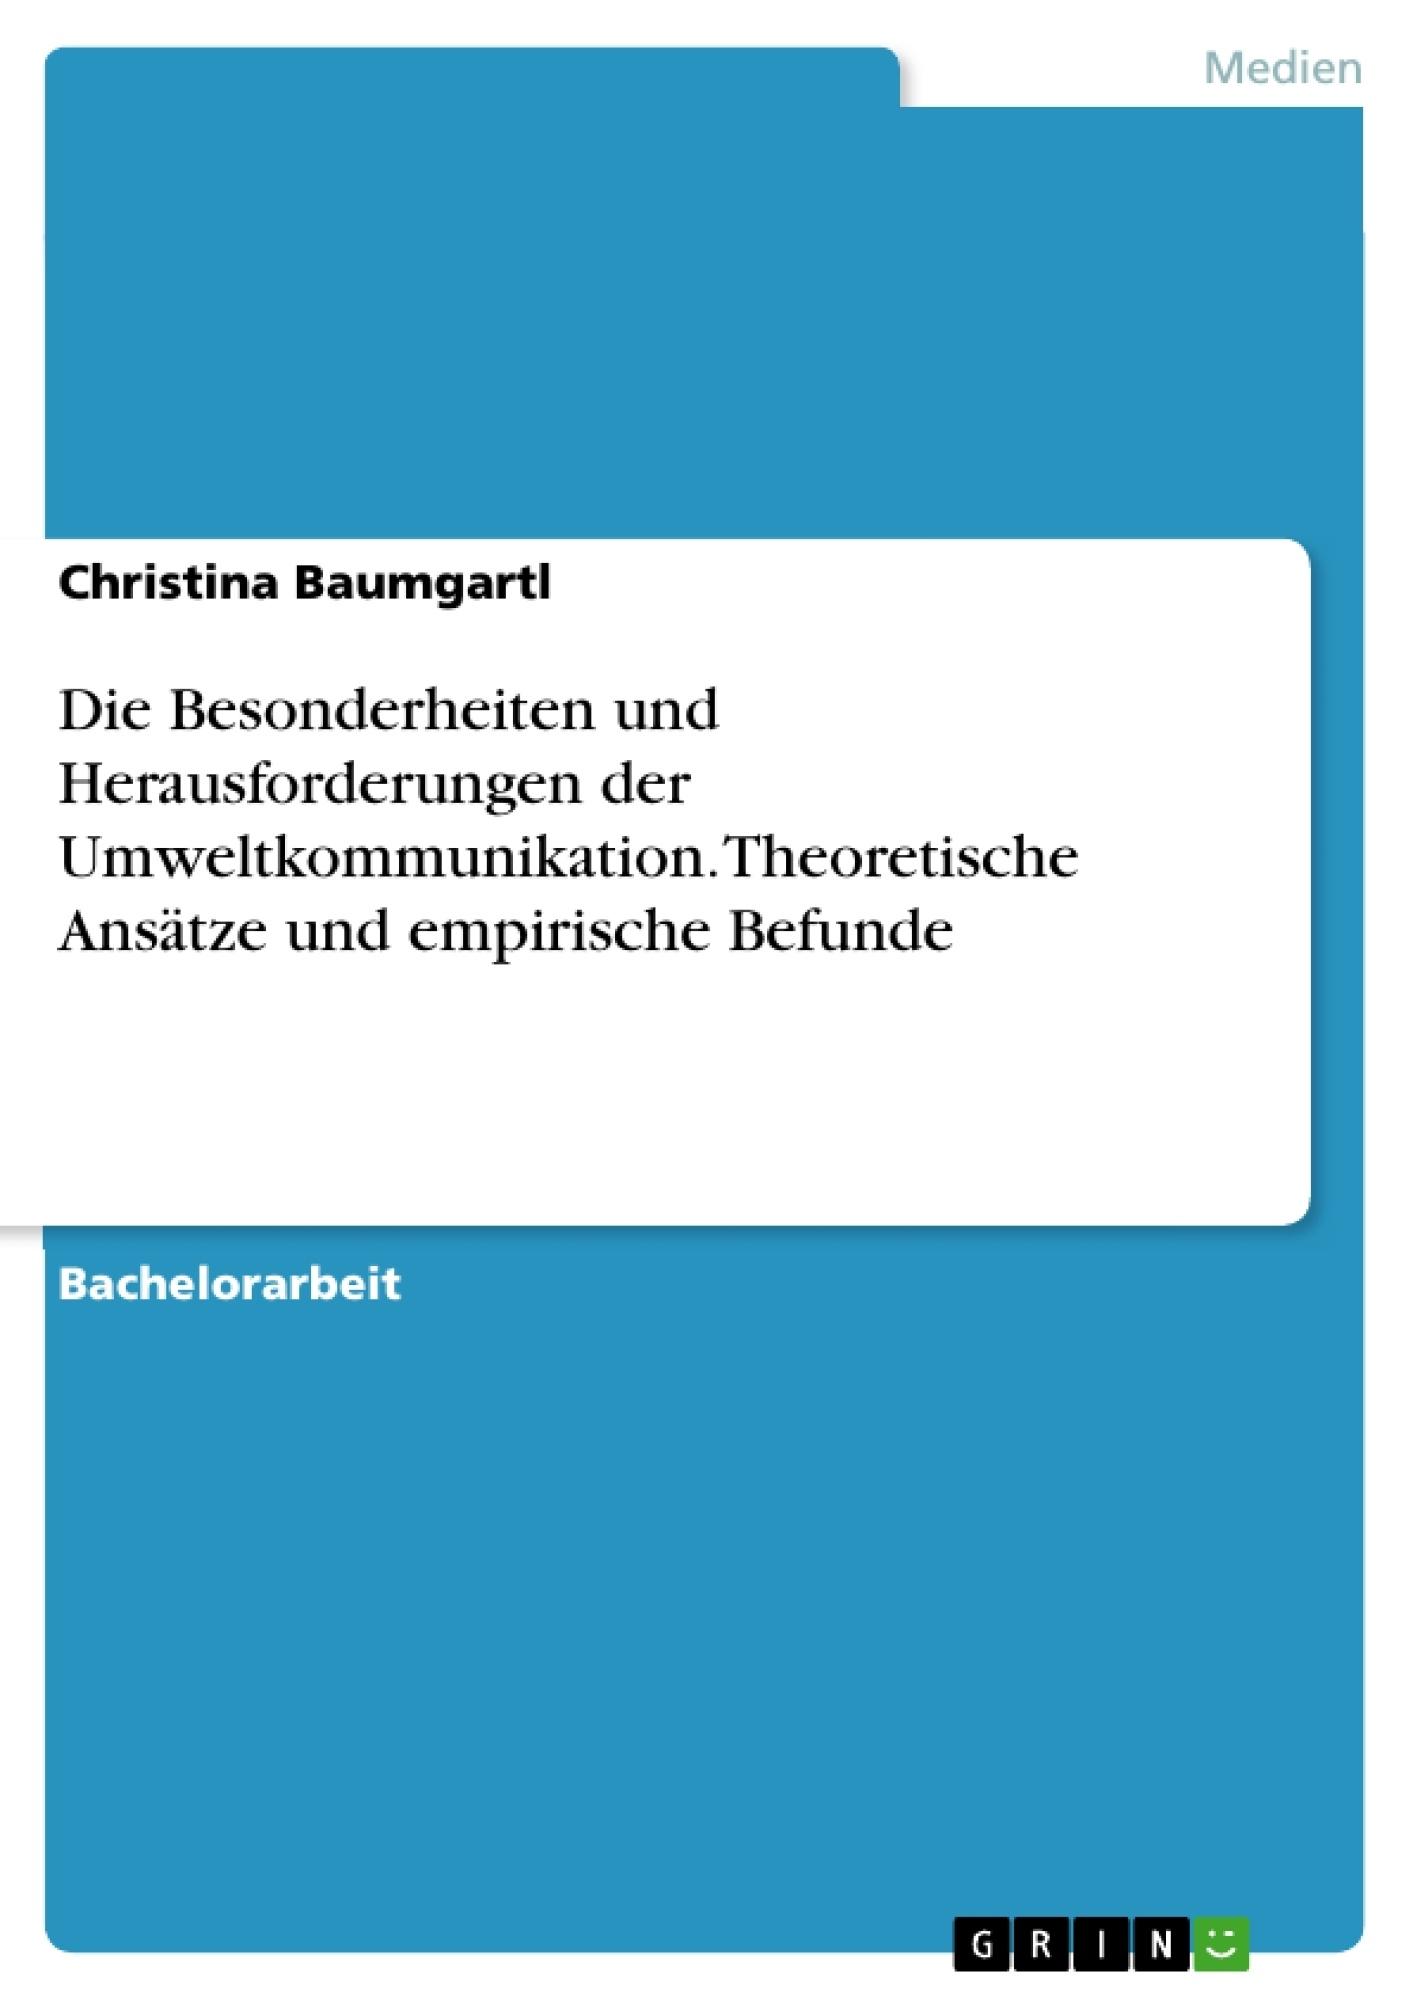 Titel: Die Besonderheiten und Herausforderungen der Umweltkommunikation. Theoretische Ansätze und empirische Befunde